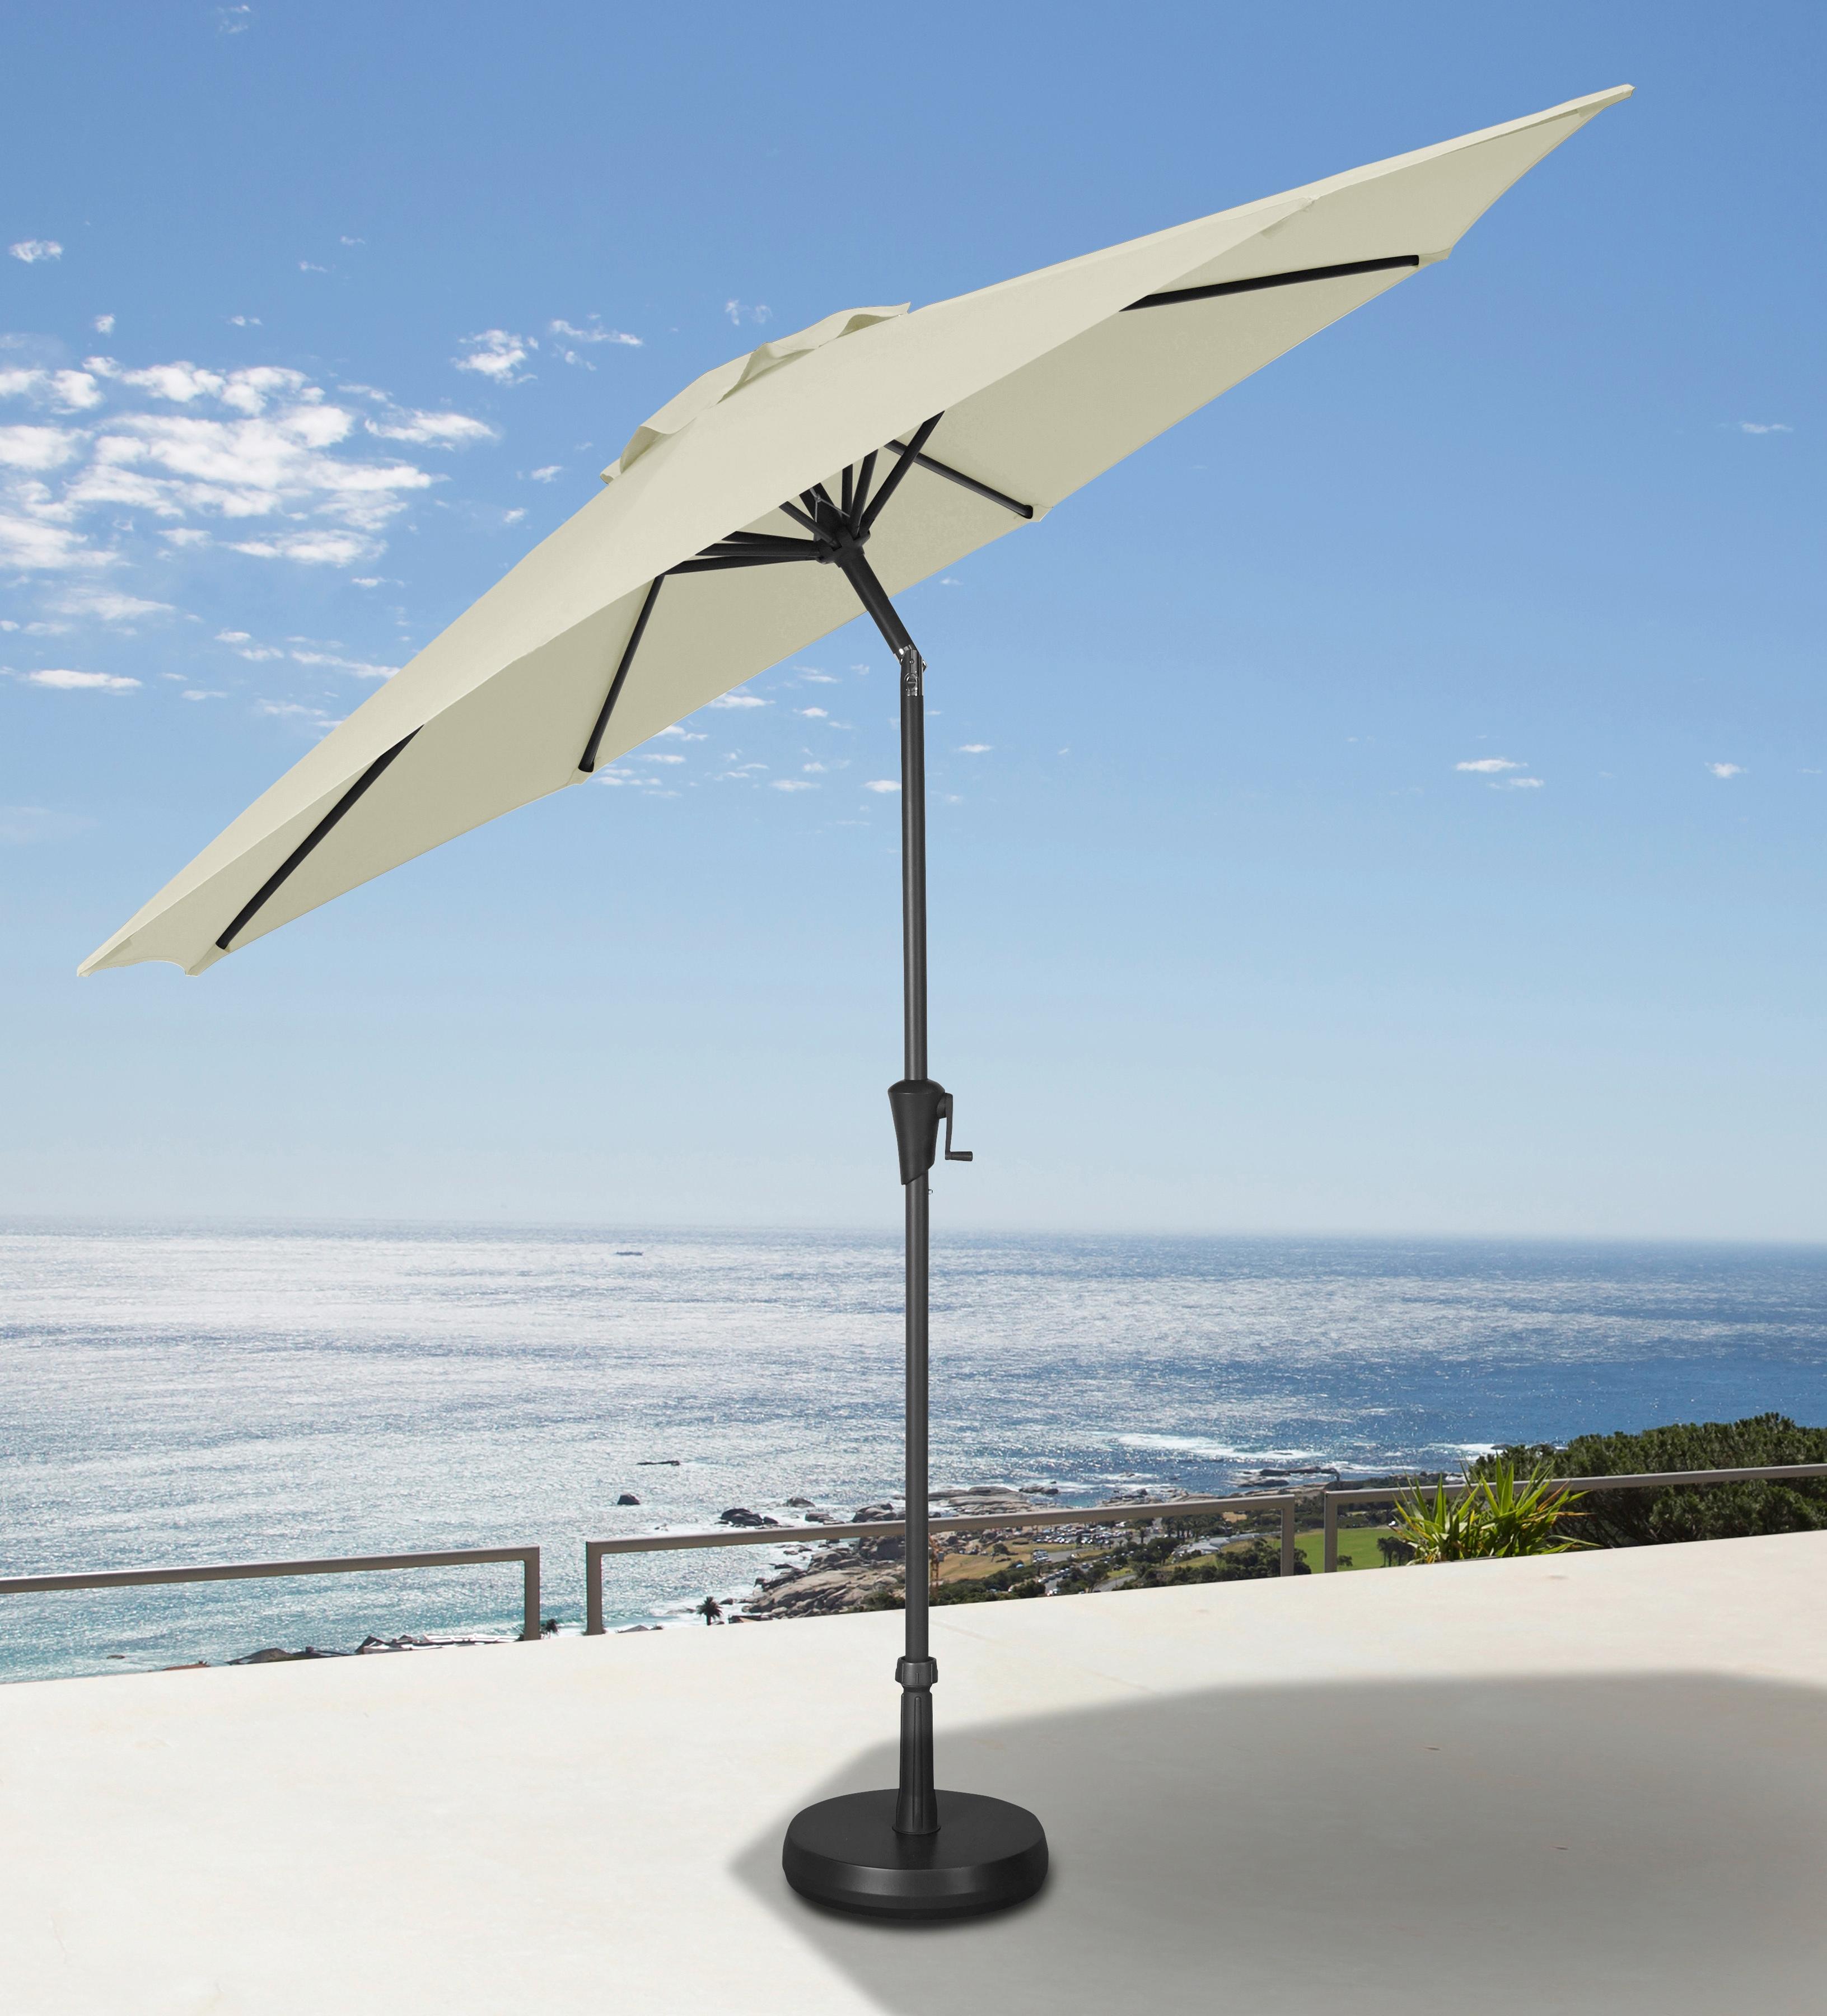 garten gut Ampelschirm, abknickbar, ohne Schirmständer beige Sonnenschirme -segel Gartenmöbel Gartendeko Ampelschirm